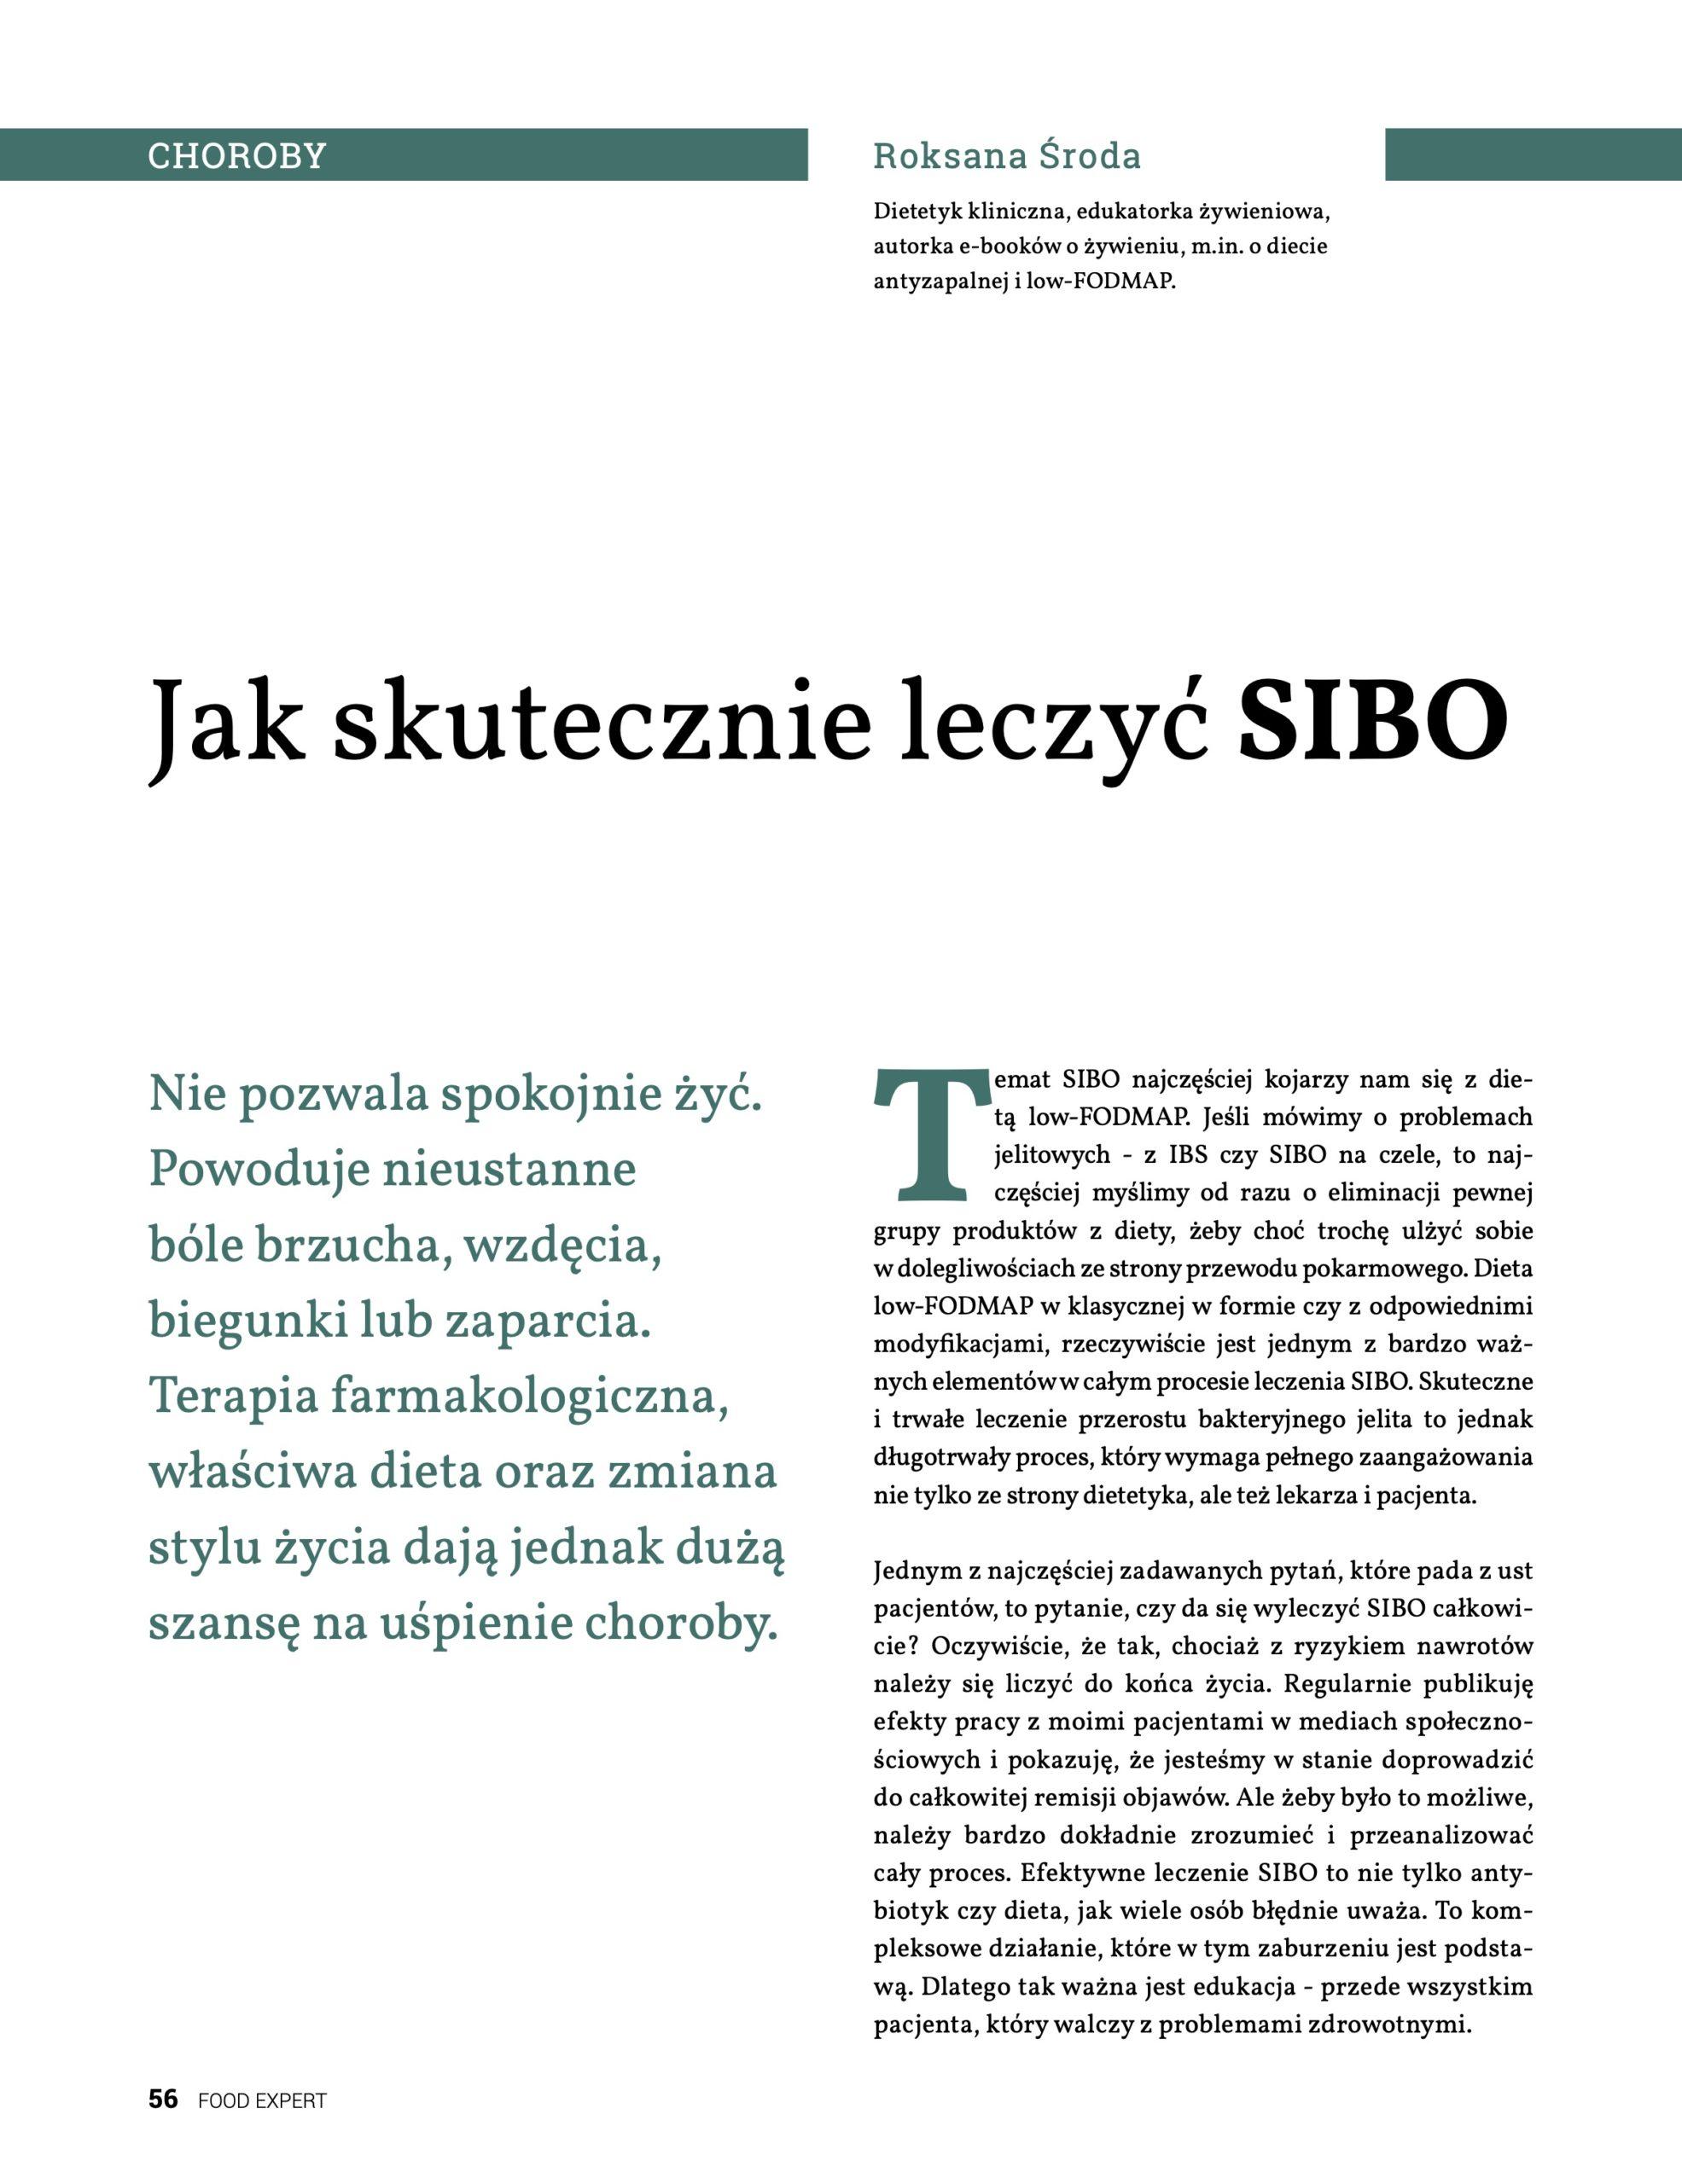 Food Expert #5 - sibo